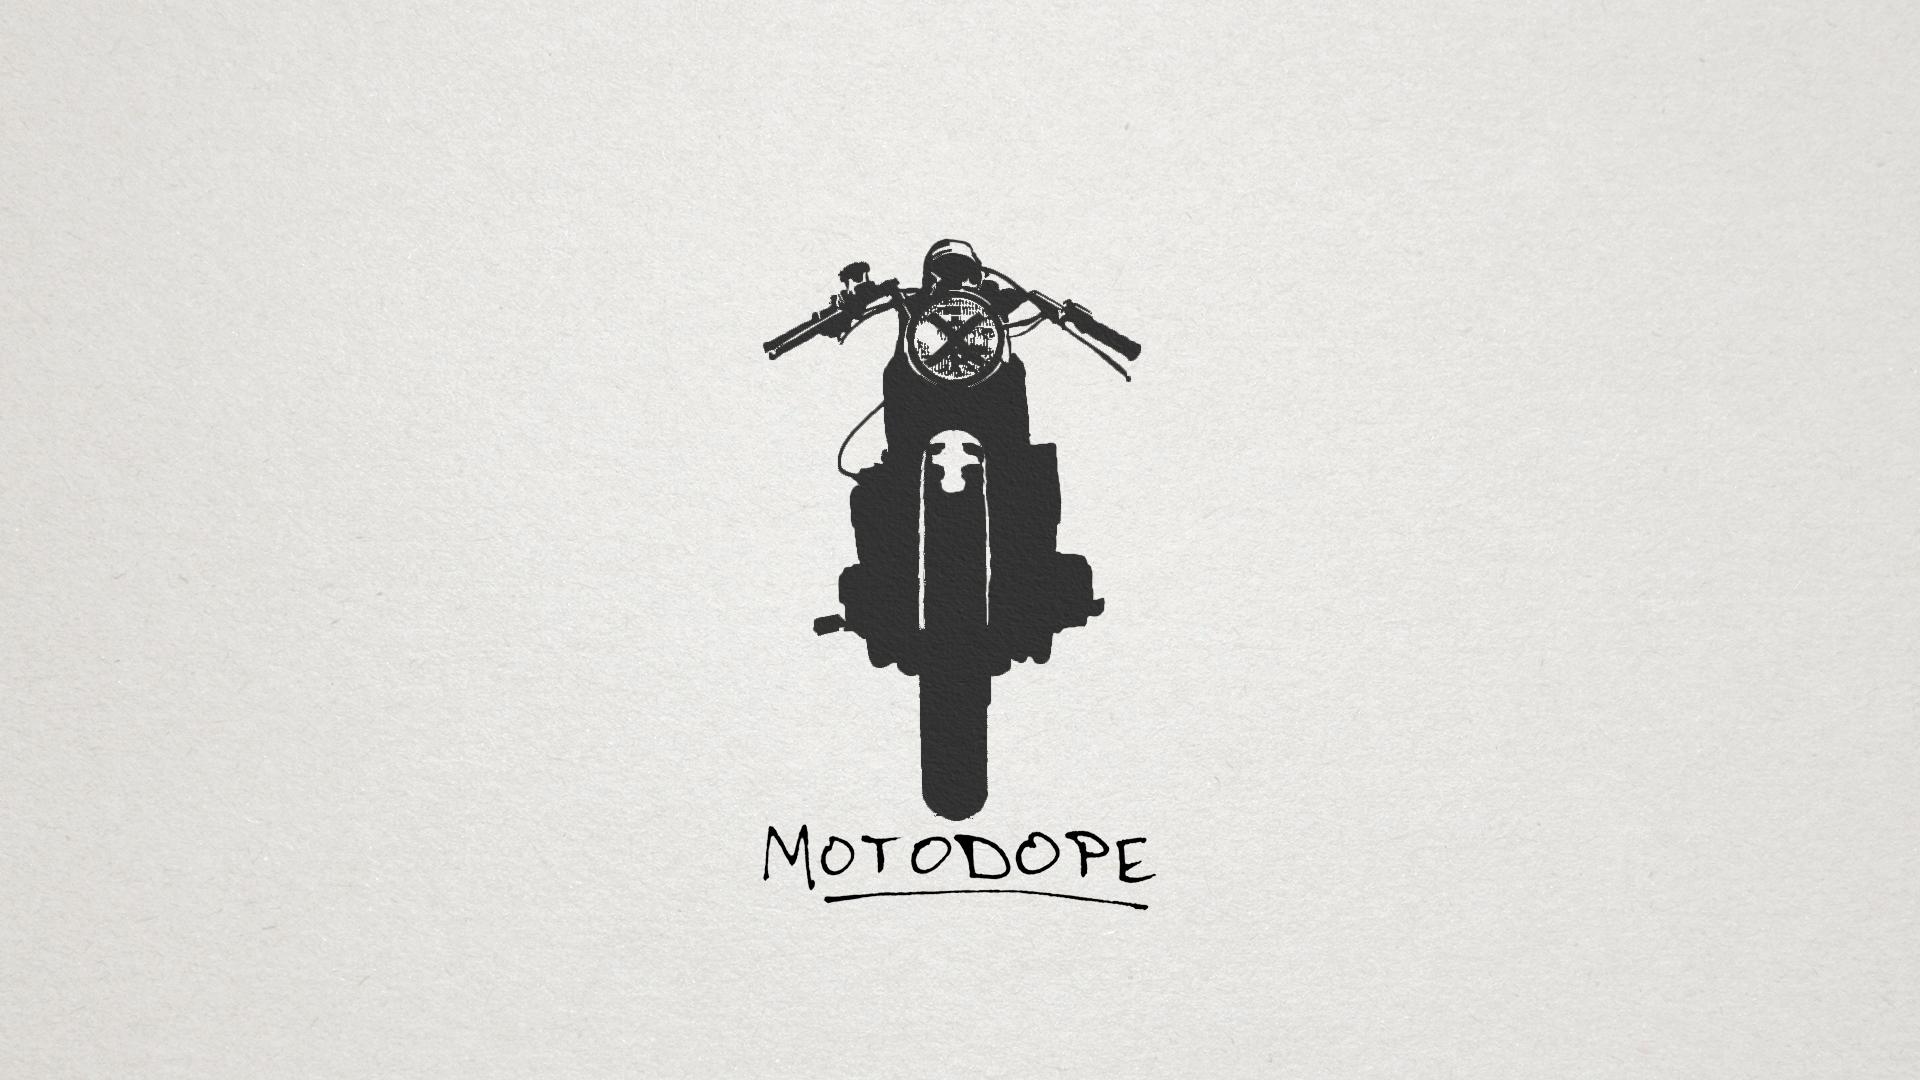 motodope_1.jpg